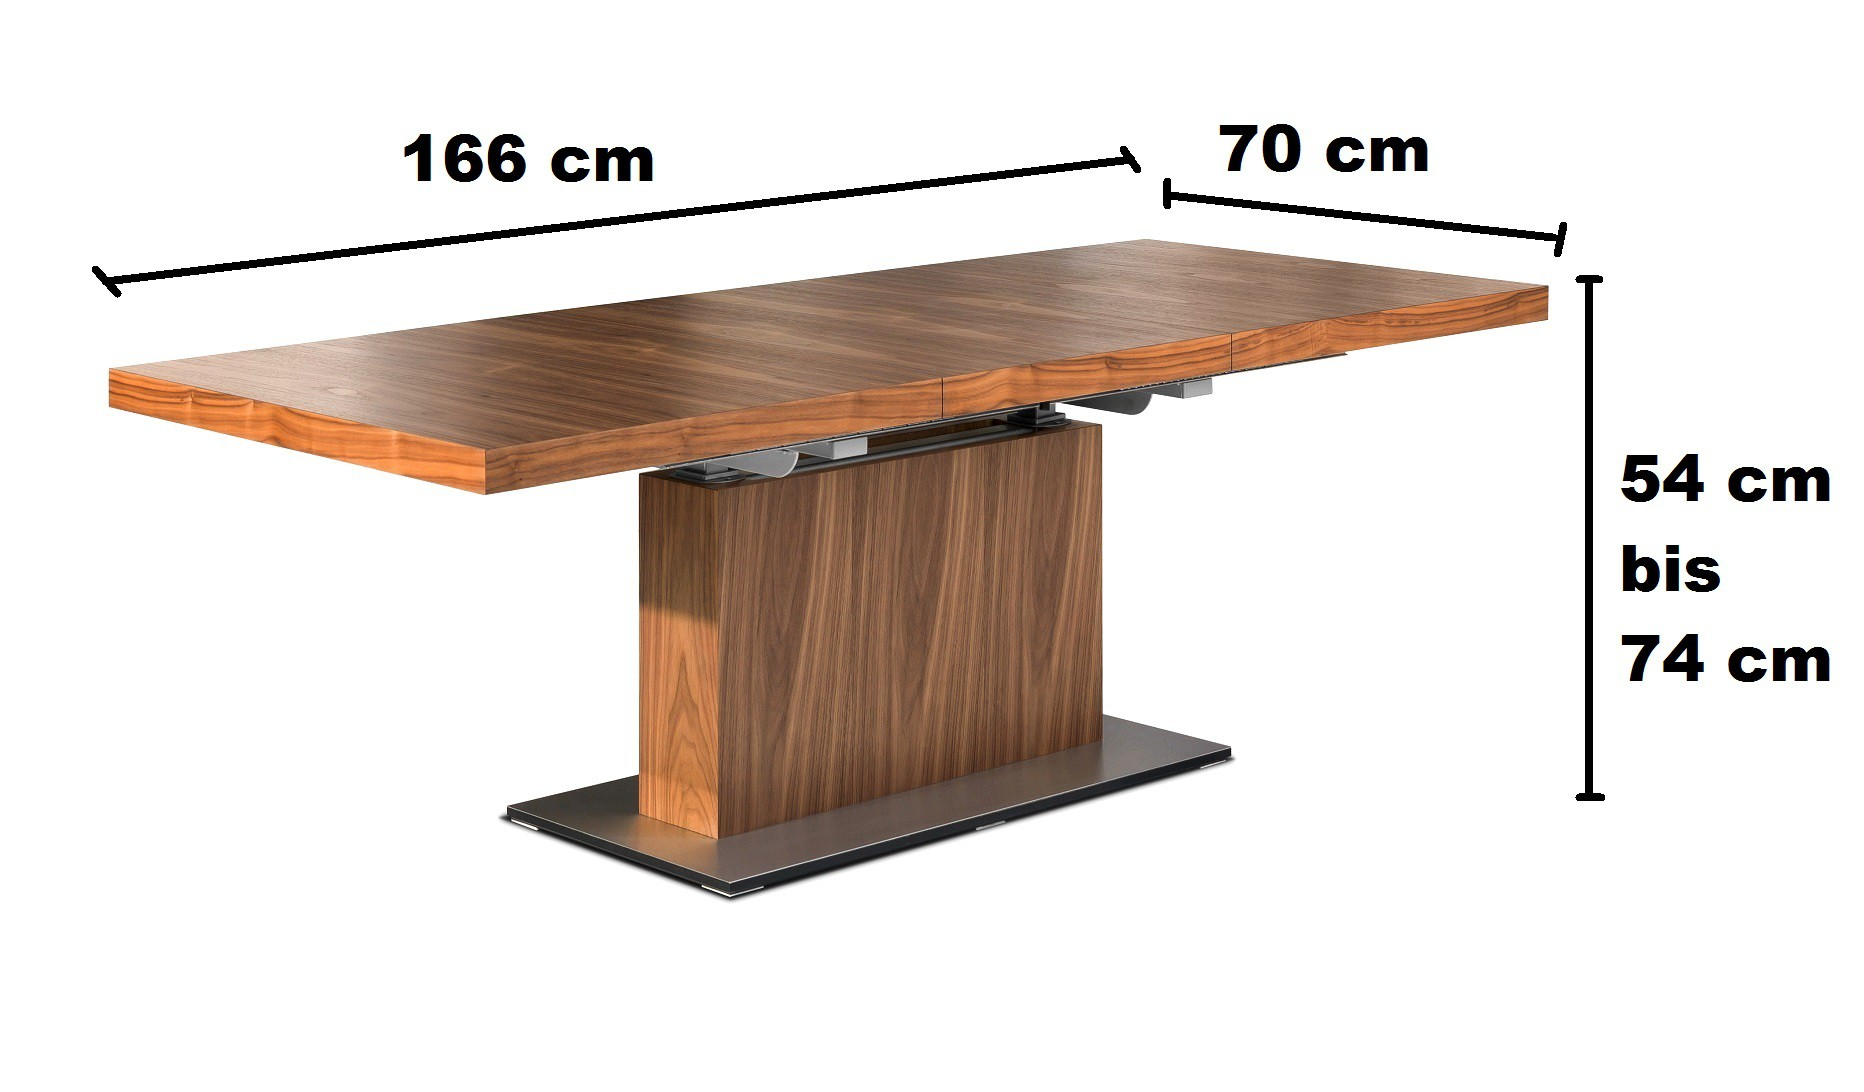 design couchtisch tisch mn 7 walnuss nussbaum h henverstellbar ausziehbar couchtische nussbaum. Black Bedroom Furniture Sets. Home Design Ideas